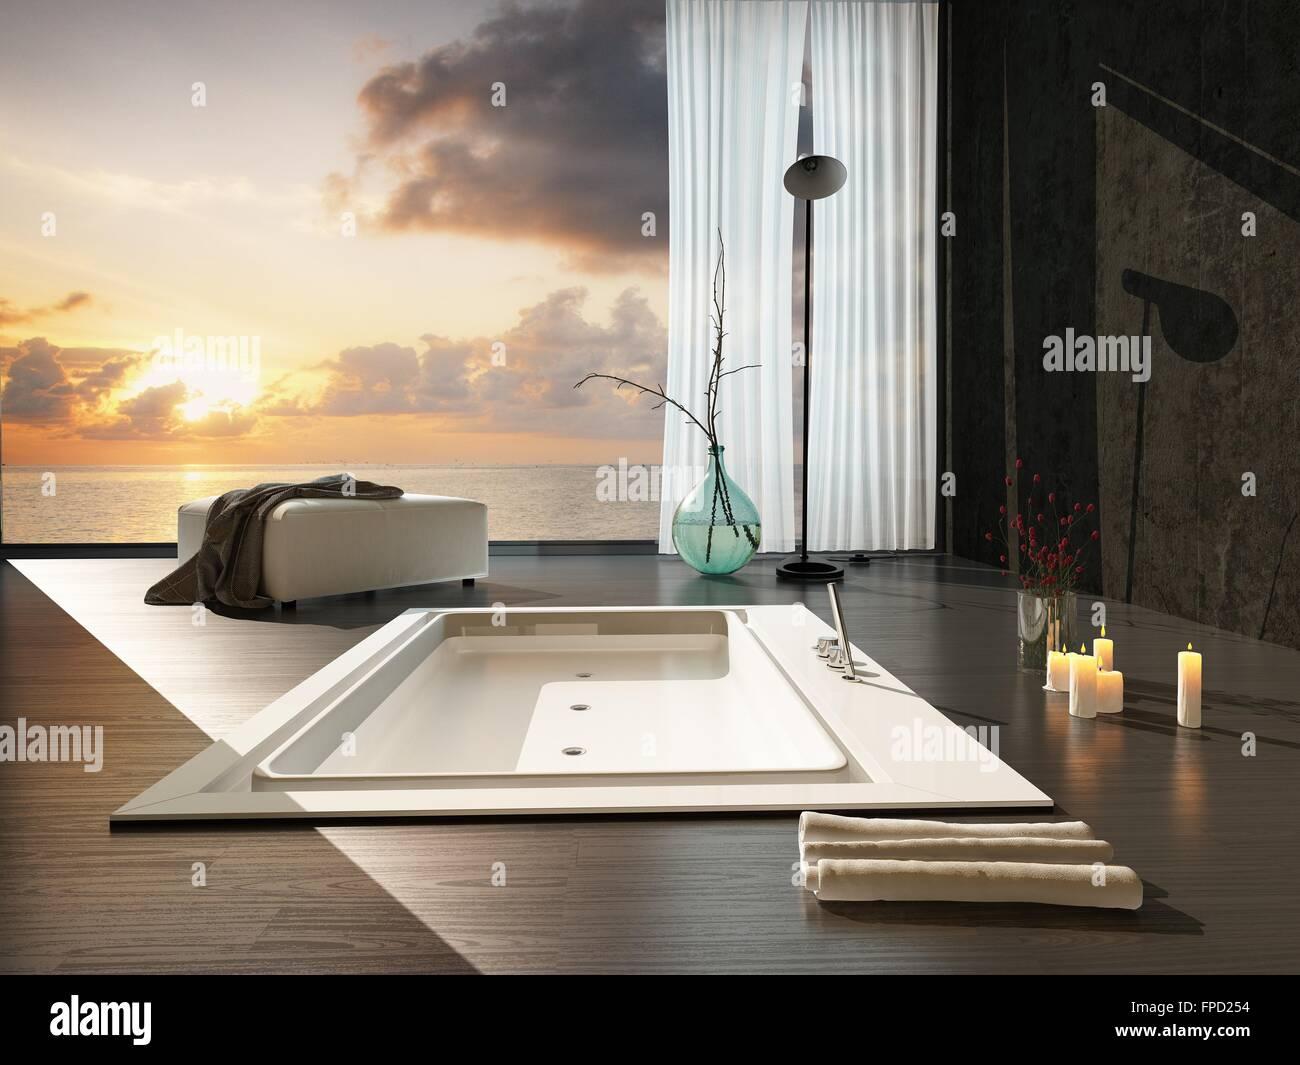 Vasca Da Bagno Romantica Con Candele : Romantico bagno moderno interno al tramonto con una vista di un